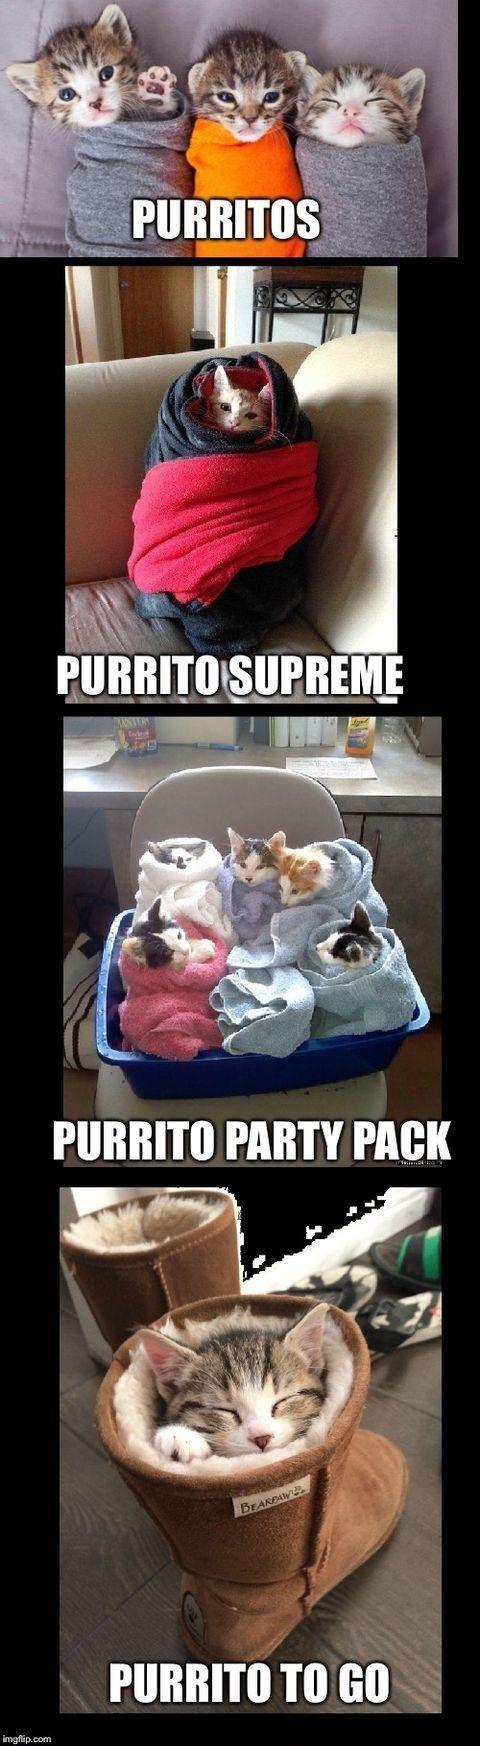 Klicken Sie auf das Foto für mehr Katzenvideos #catvideos #cats #kittens - Mary's Secret World